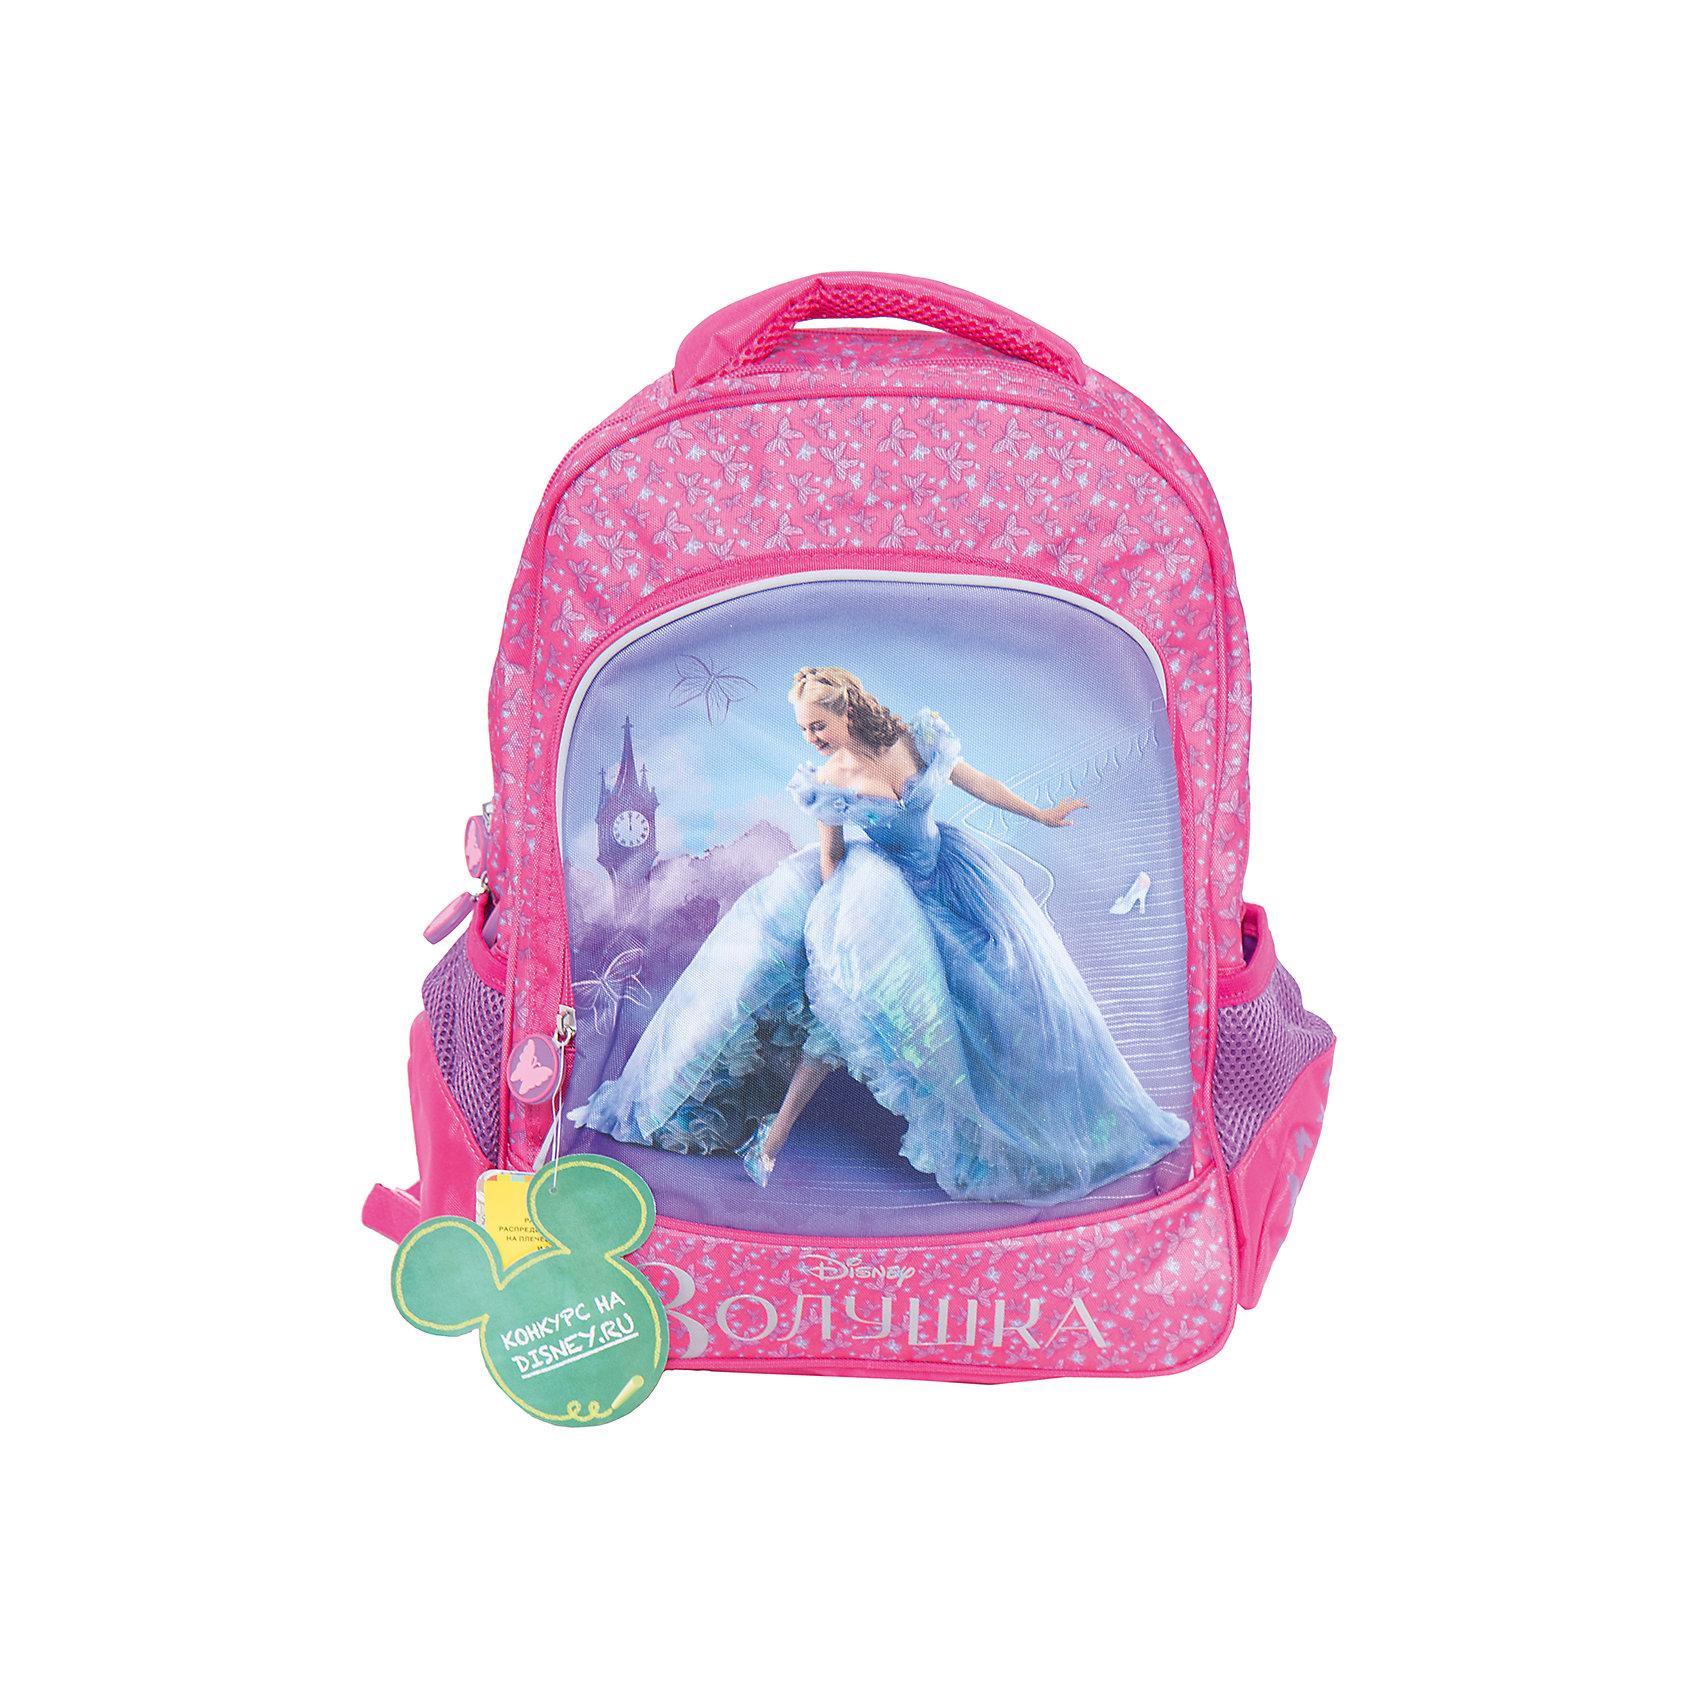 Ортопедический рюкзак ЗолушкаМягкий ортопедический рюкзак Золушка, Disney - удобный и практичный школьный рюкзак для повседневного использования. Рюкзак выполнен из износоустойчивых материалов с водонепроницаемой основой. Маленькой школьнице непременно понравится привлекательный дизайн с красивой розовой расцветкой, узором в виде бабочек и изображением популярной героини из диснеевской сказки. Рюкзак имеет легкий вес, ортопедическая спинка из дышащего материала равномерно распределяет нагрузку на плечевые суставы и спину. Широкие мягкие лямки регулируются по длине, в зависимости от роста ребенка. Также есть удобная мягкая ручка для переноски в руке. <br><br>Рюкзак закрывается на застежку-молнию, внутри два больших отделения с отсеками для книг и тетрадей и задняя плюшевая стенка, которая предохраняет размещенный в рюкзаке гаджет от царапин. Также имеются два сетчатых кармана по бокам и большой накладной карман на молнии на лицевой стороне. Светоотражающие элементы на лямках и лицевом кармане повышают безопасность ребенка в темноте.<br><br>Дополнительная информация:<br><br>- Материал: полиэстер.  <br>- Размер: 38 х 28 х 13 см.<br>- Вес: 0,99 кг.<br><br>Мягкий ортопедический рюкзак Золушка, Disney, можно купить в нашем интернет-магазине.<br><br>Ширина мм: 280<br>Глубина мм: 130<br>Высота мм: 380<br>Вес г: 990<br>Возраст от месяцев: 36<br>Возраст до месяцев: 96<br>Пол: Женский<br>Возраст: Детский<br>SKU: 4062805